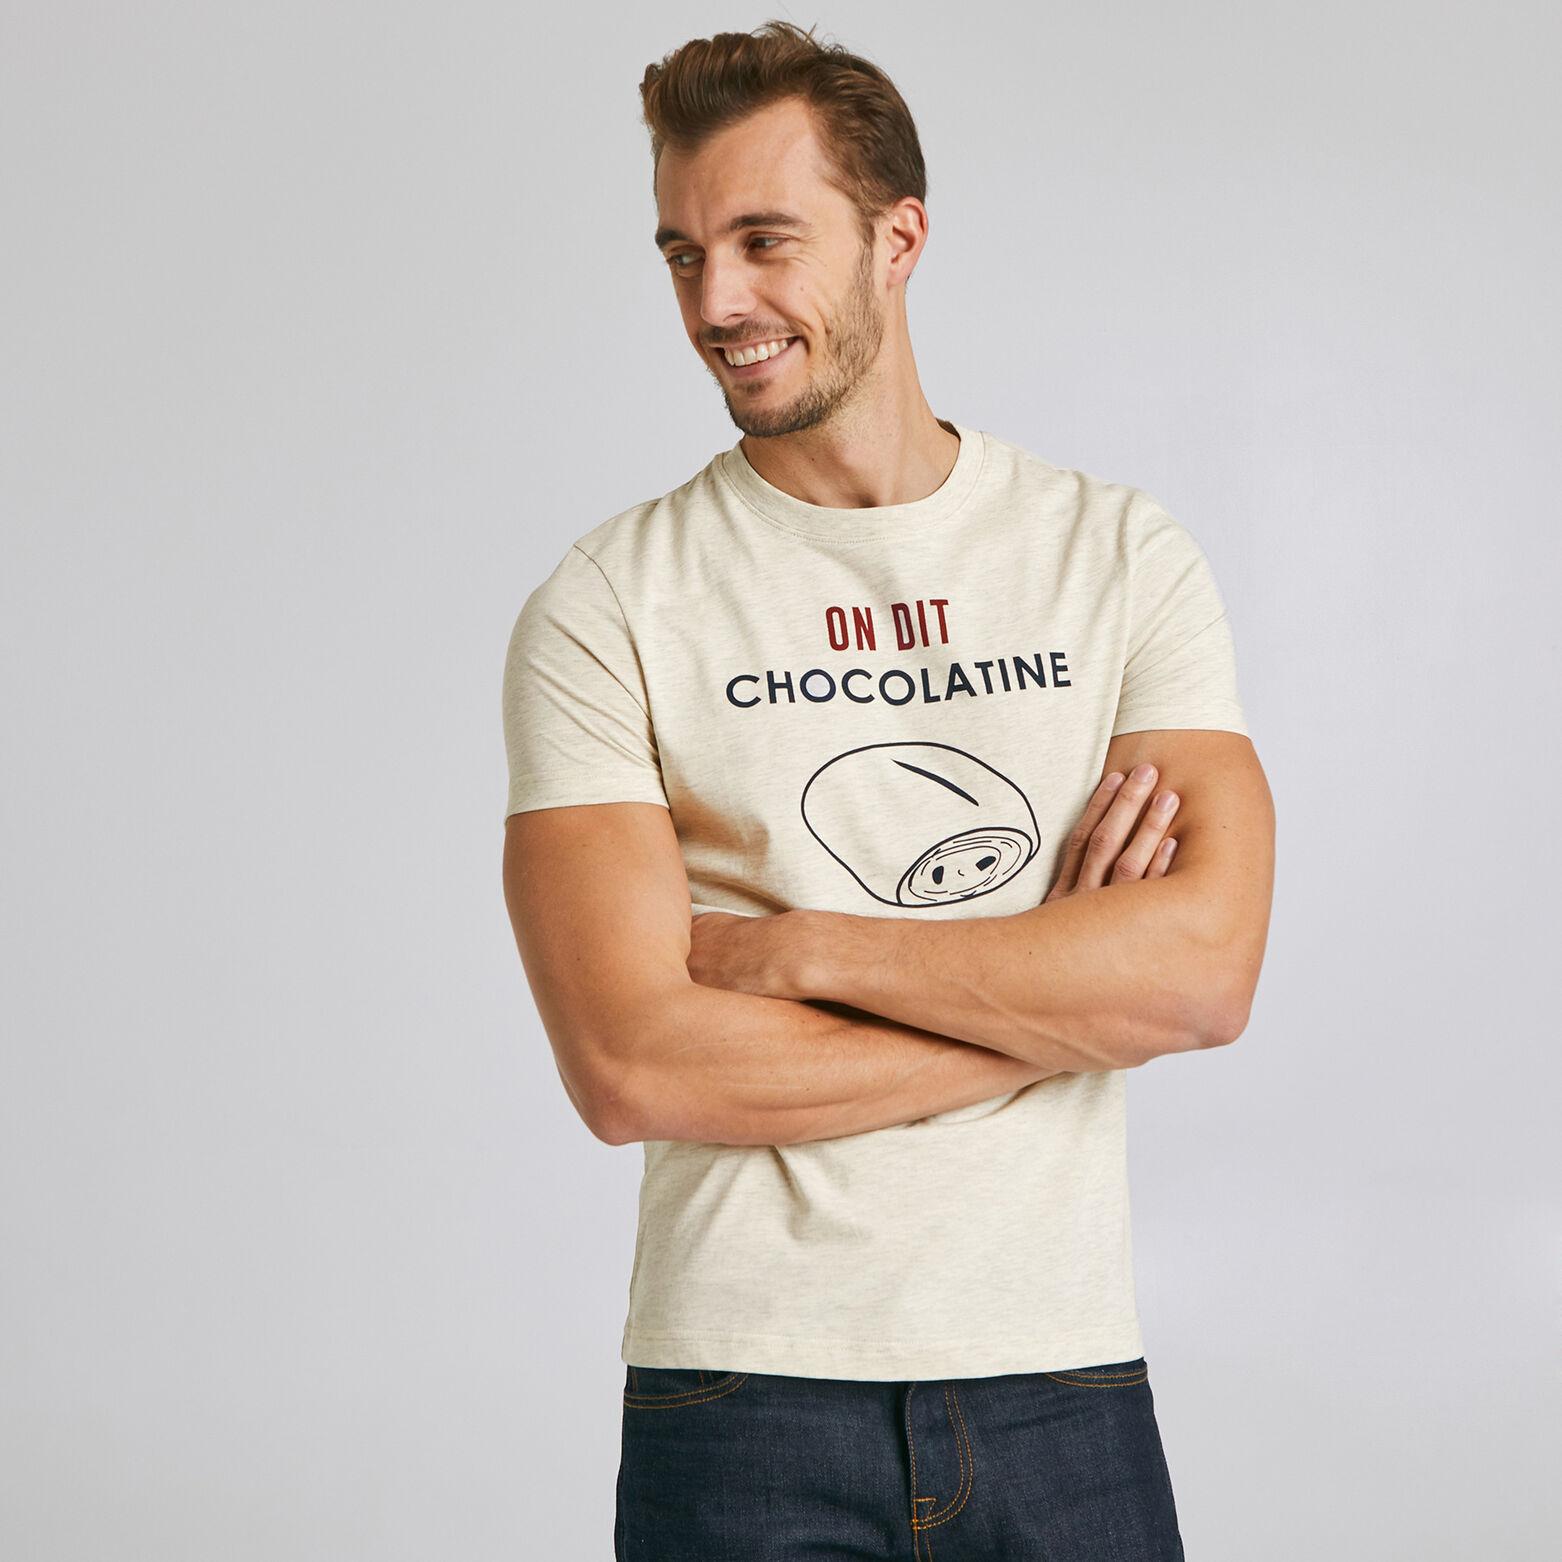 Tee-shirt région Midi-Pyrénées CHOCOLATINE